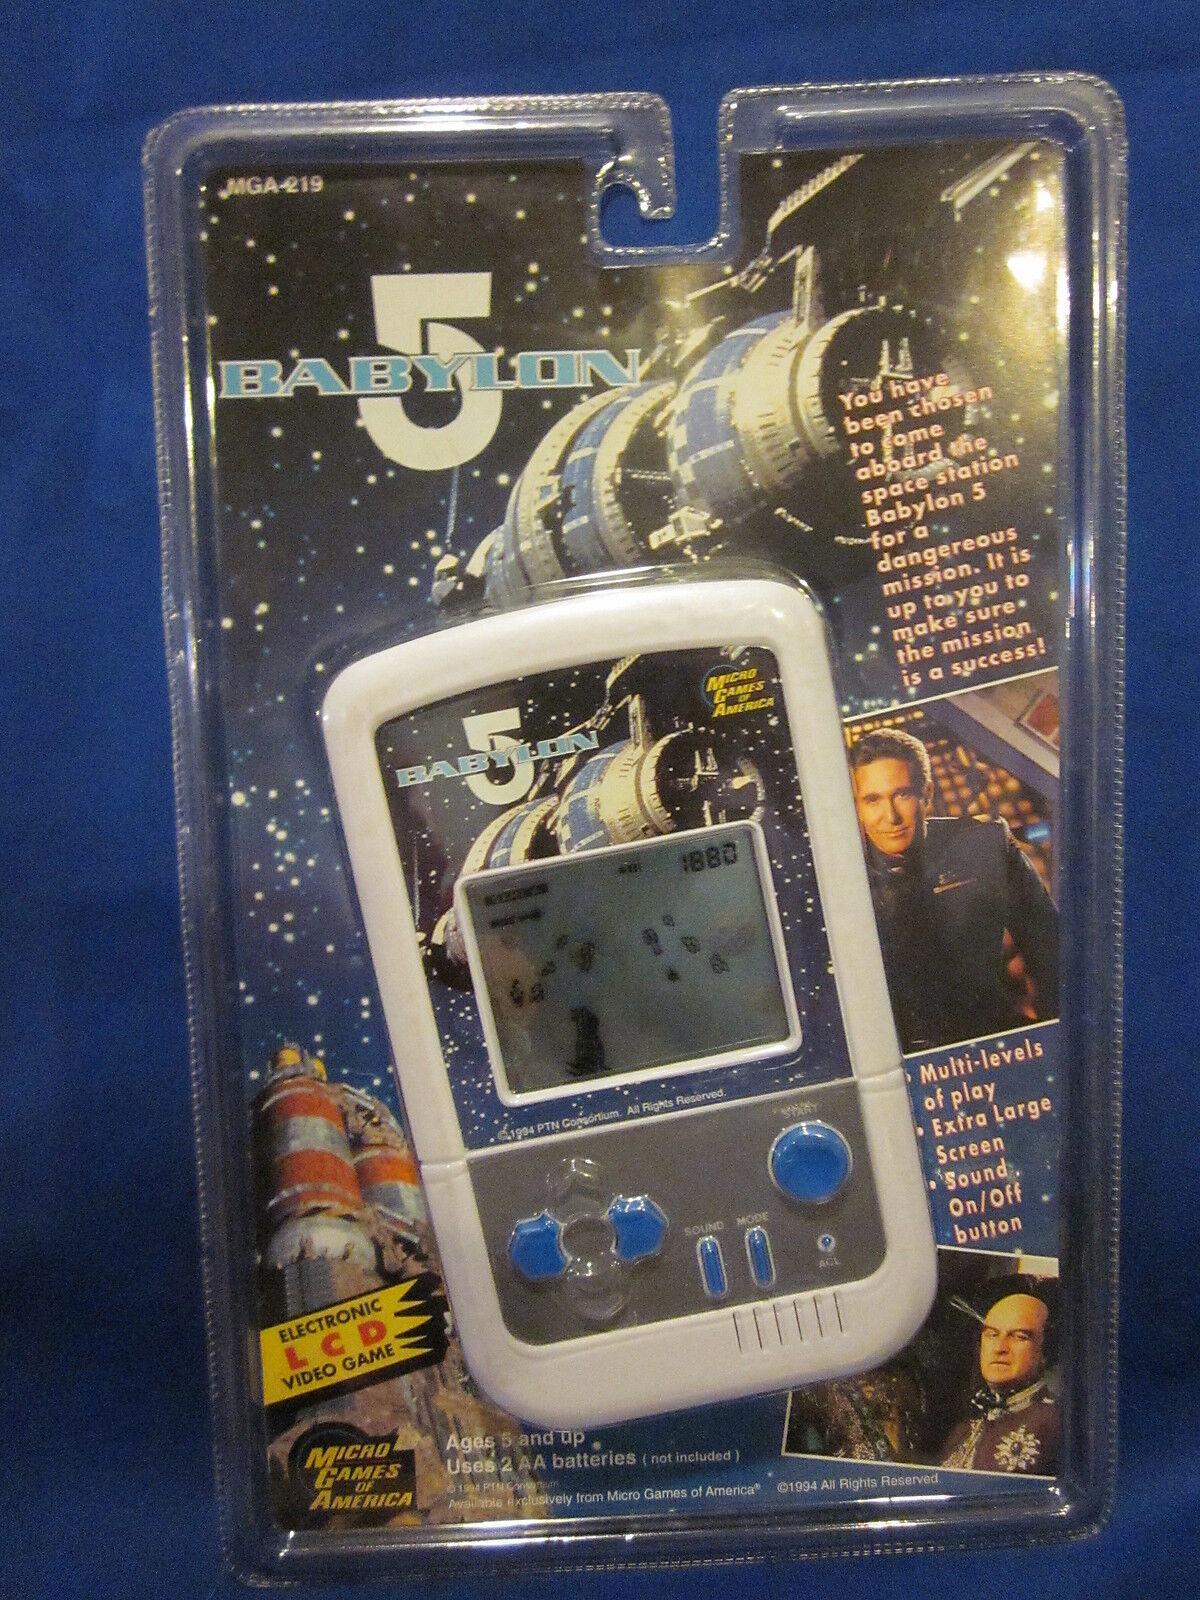 1994 Juegos De Micro De América MGA Babylon 5 LCD Video Juego